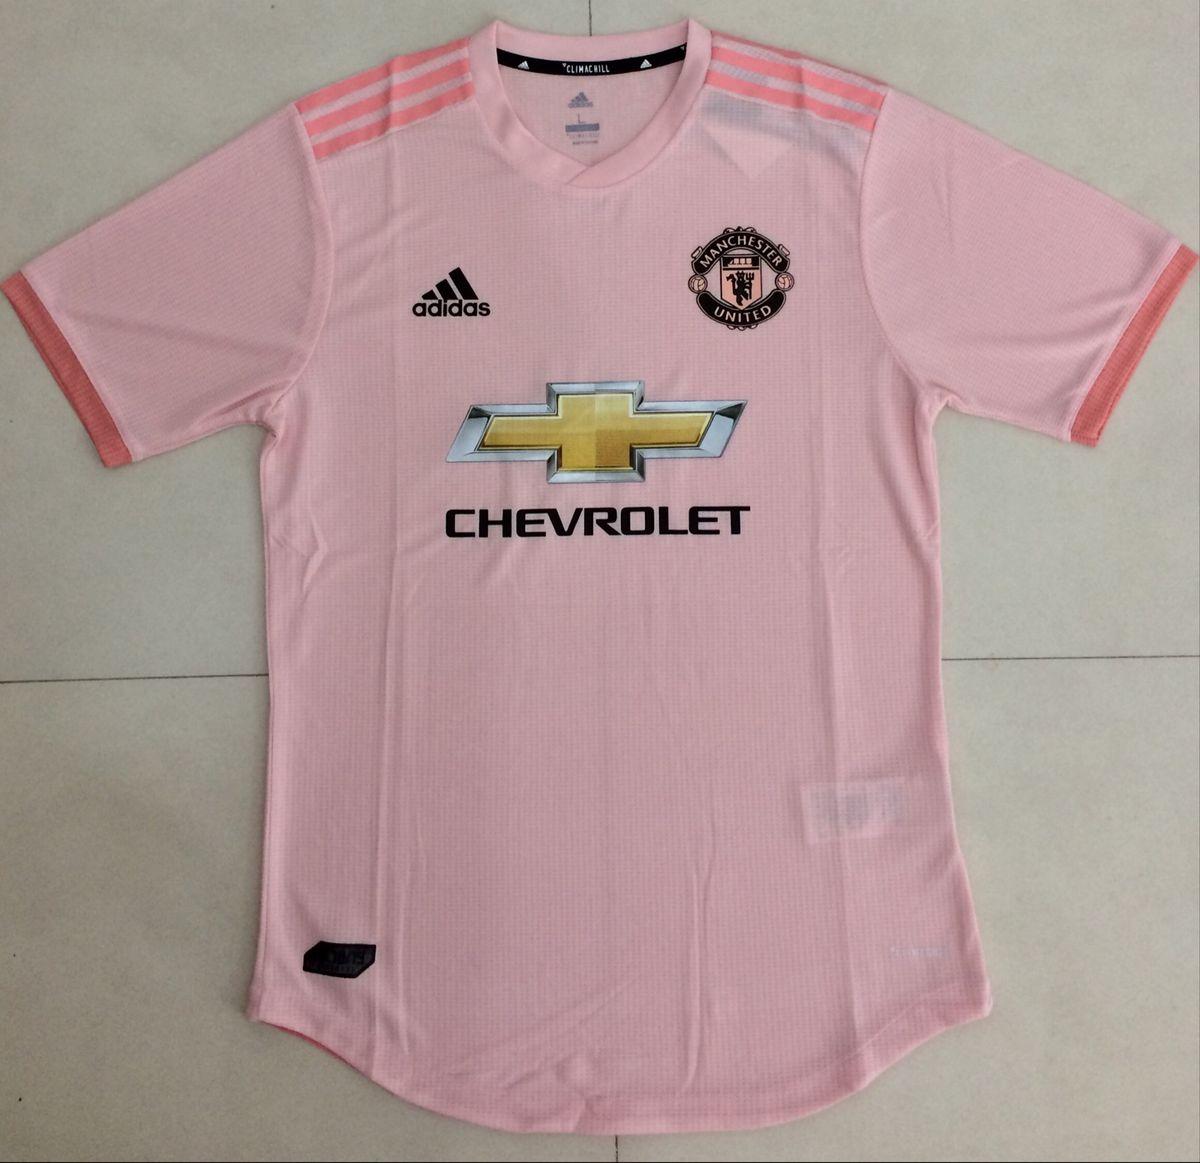 camisa manchester united rosa jogador oficial camisa masculina adidas nunca usado 41325721 enjoei camisa manchester united rosa jogador oficial